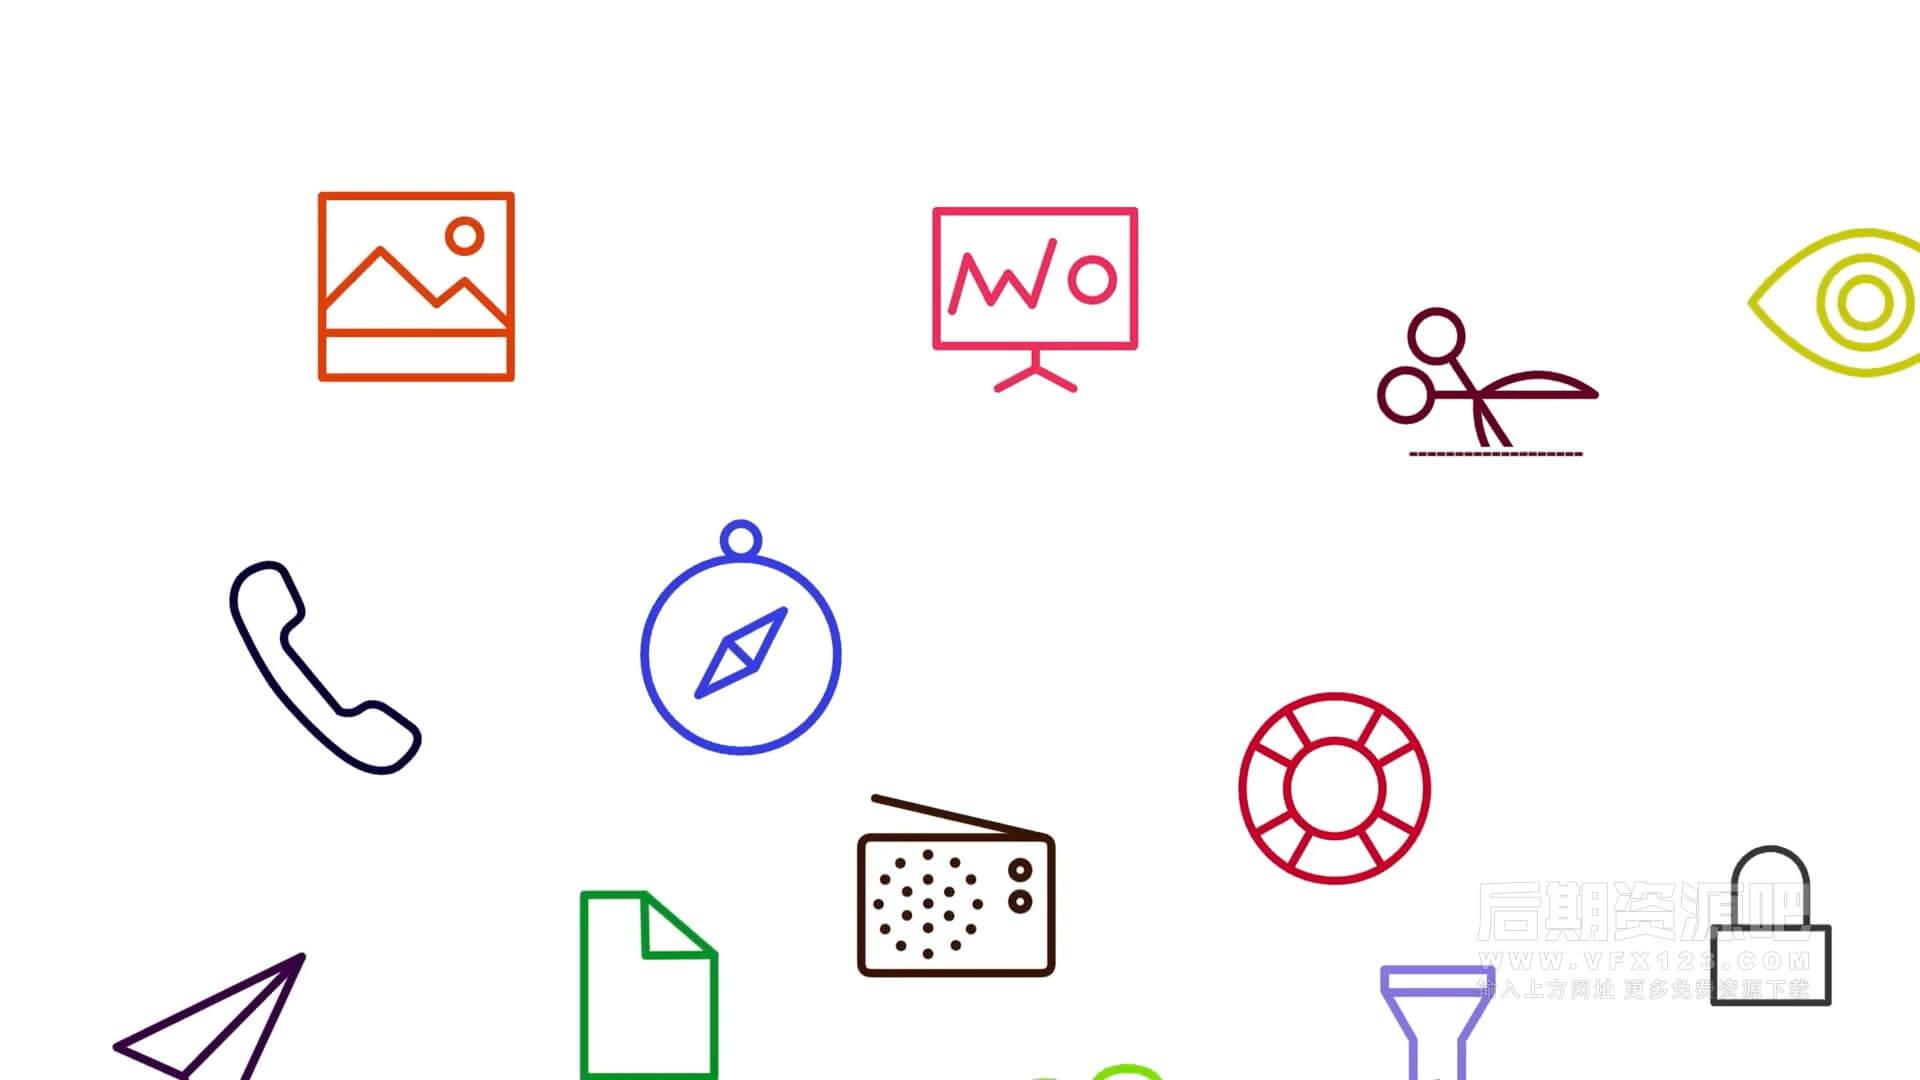 fcpx插件 192个icons图标动画元素包 可自动跟踪对象 Icon Pop